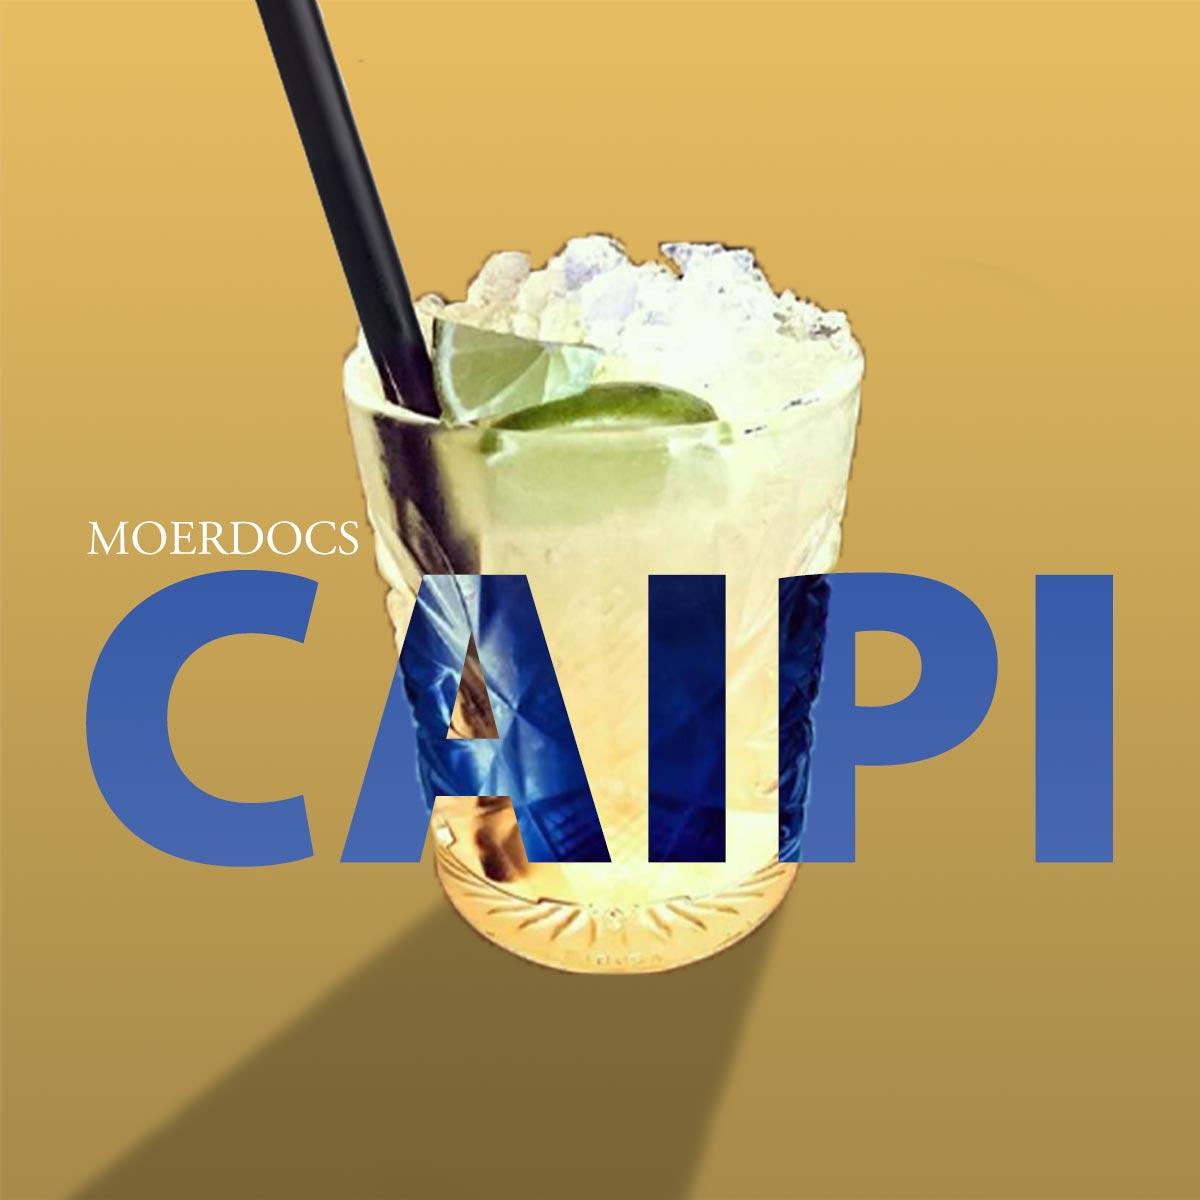 Moerdocs Caipirinha Hannover Cocktail